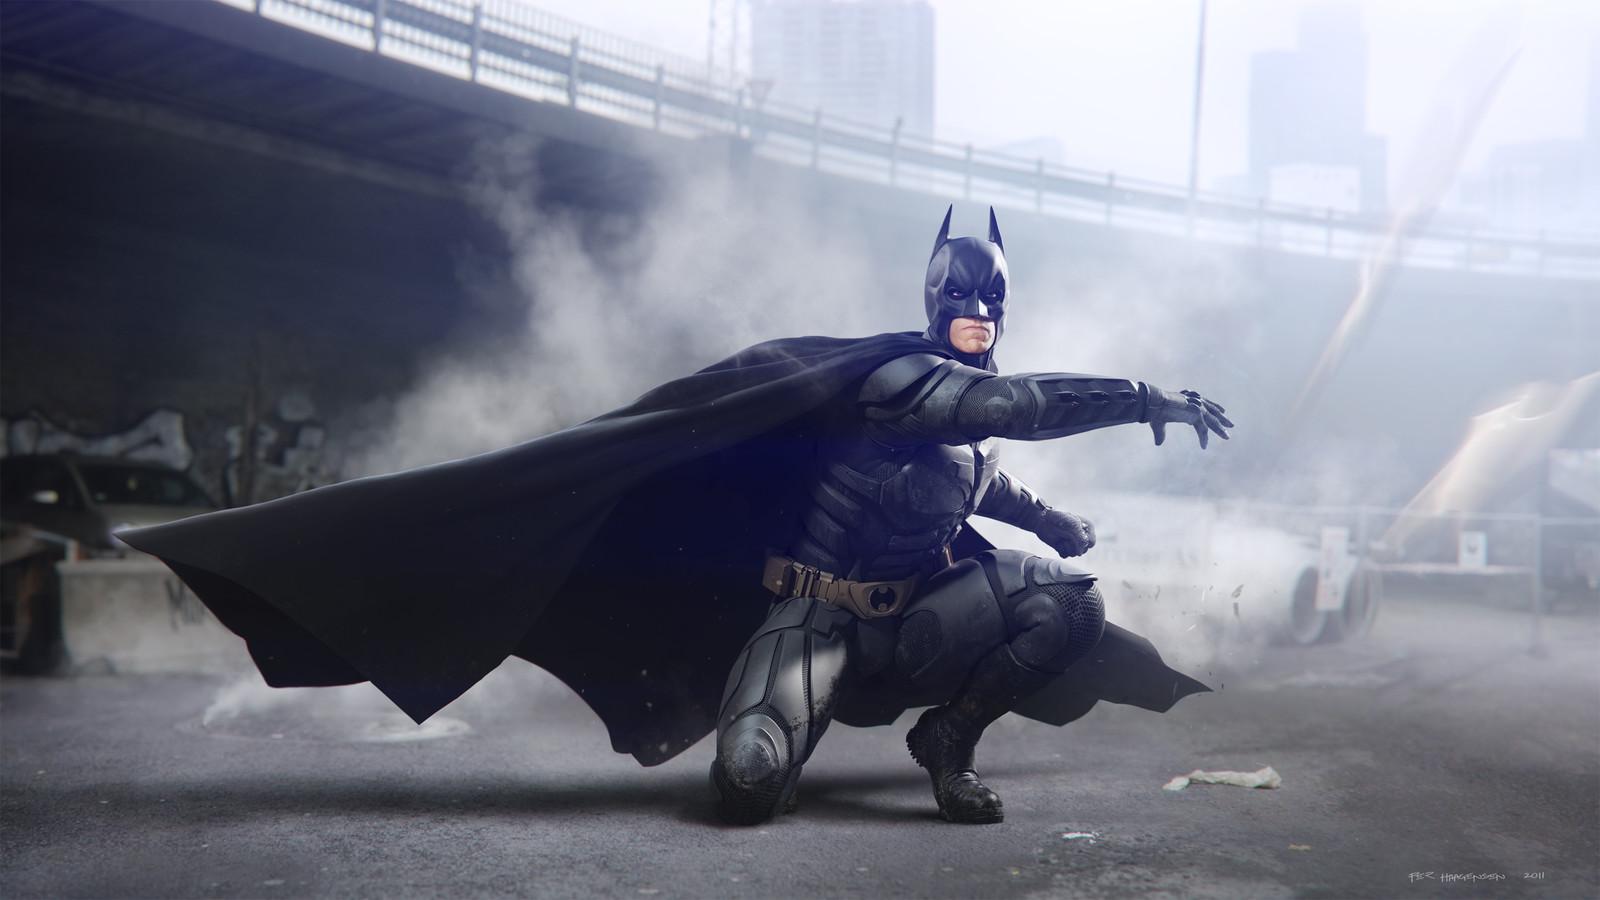 """Batman #4 - Batarang Attack - """"The Dark Knight Rises"""". Final artwork"""